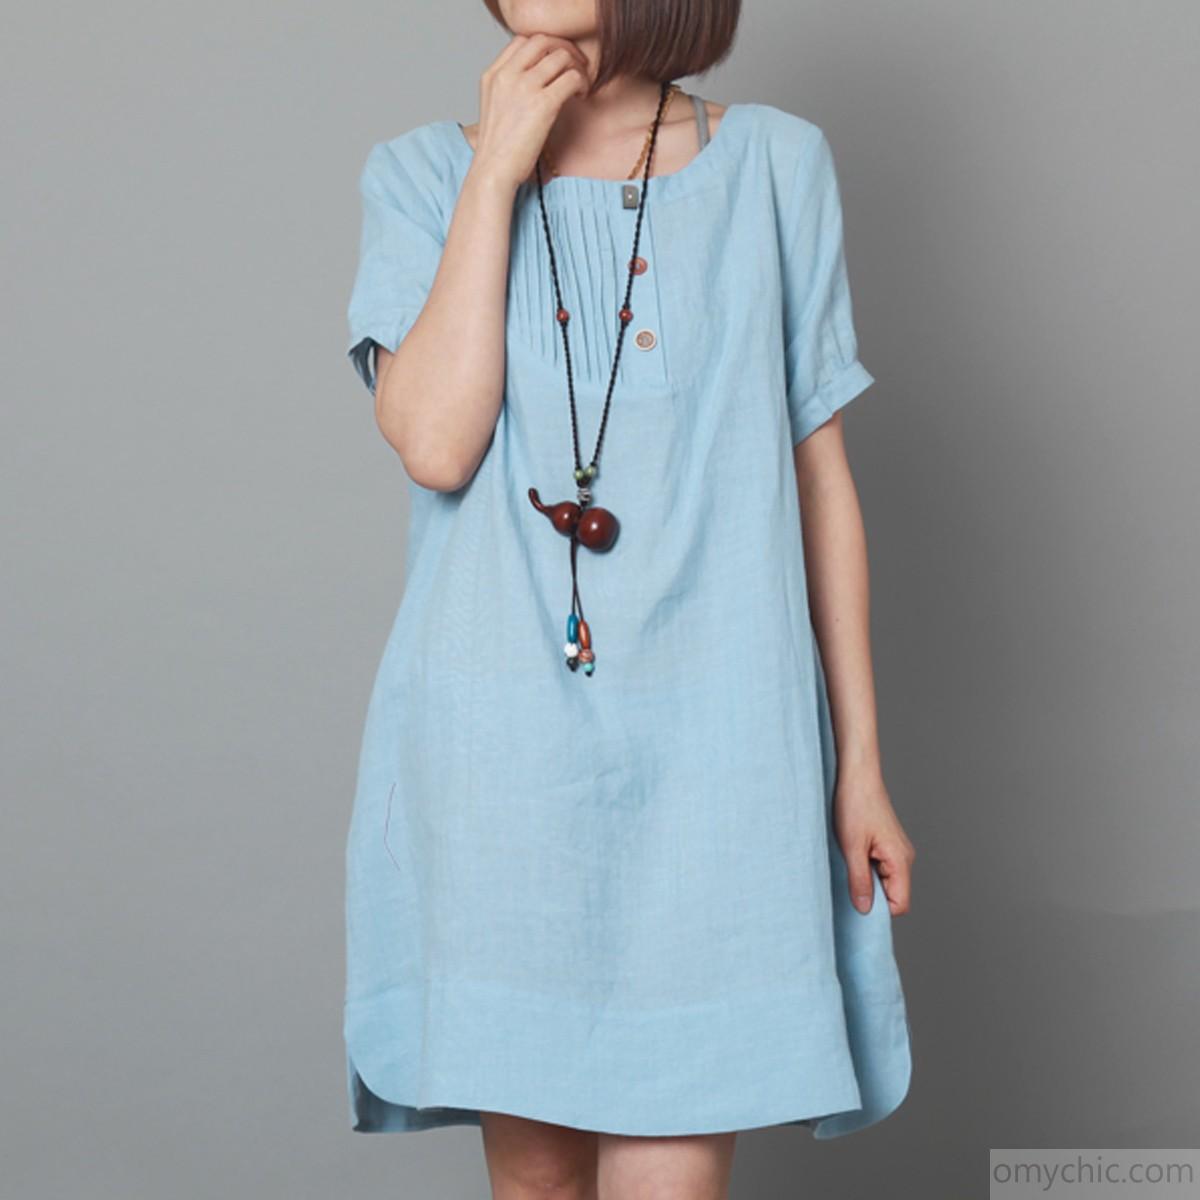 Dress: Alluring Maternity Sundress For Pregnant Women Style In ...